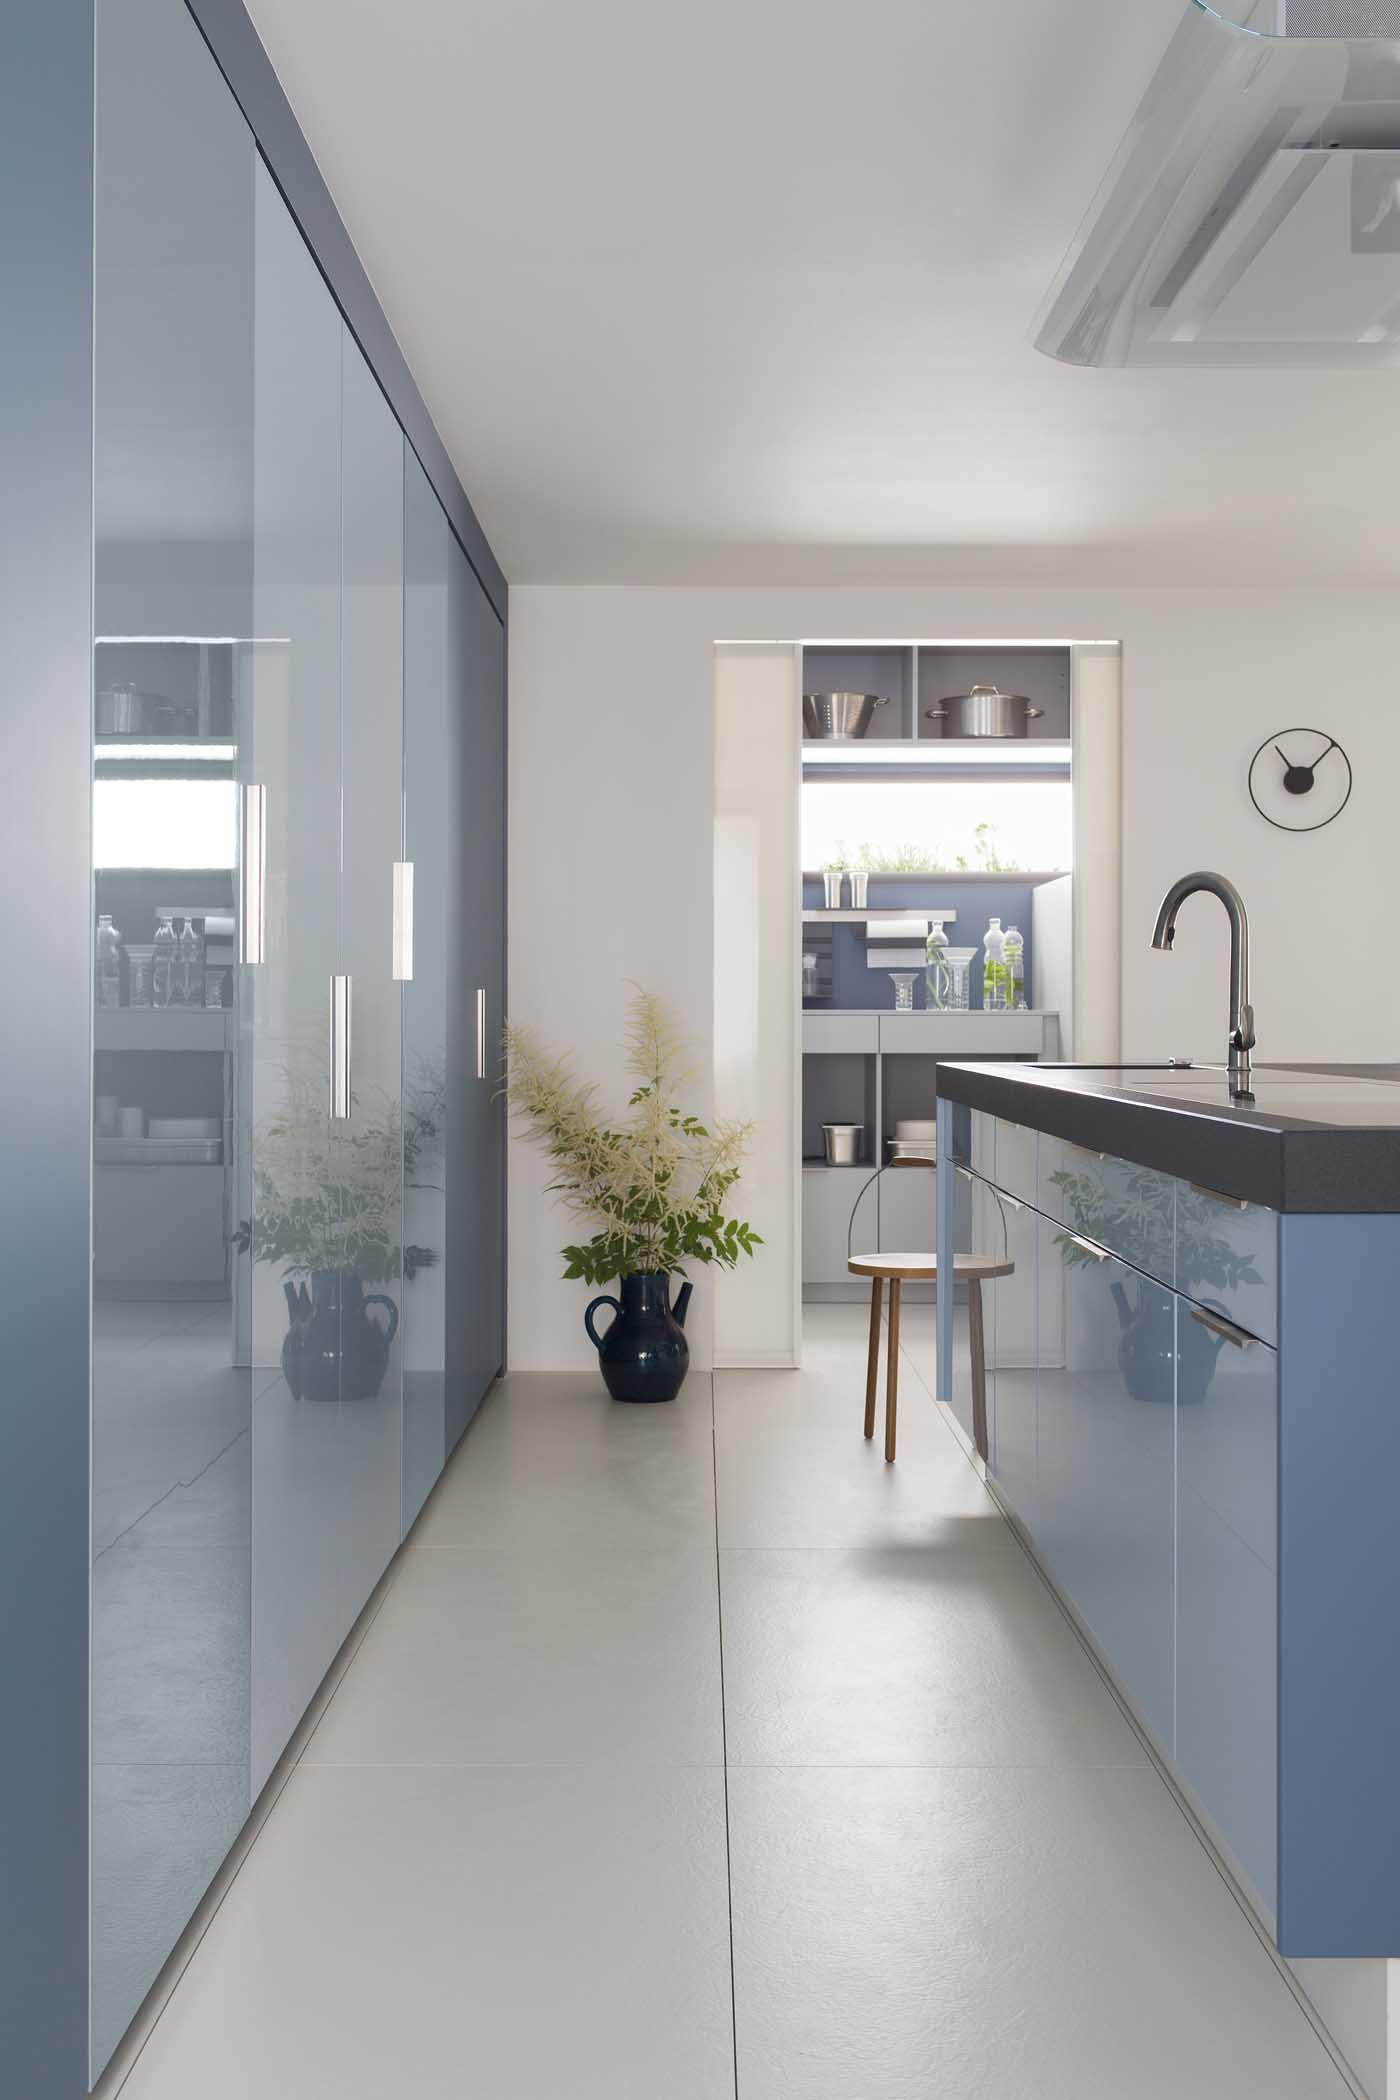 cuisine l500 sikkens brillant et bleu pastel soft perene lyon. Black Bedroom Furniture Sets. Home Design Ideas